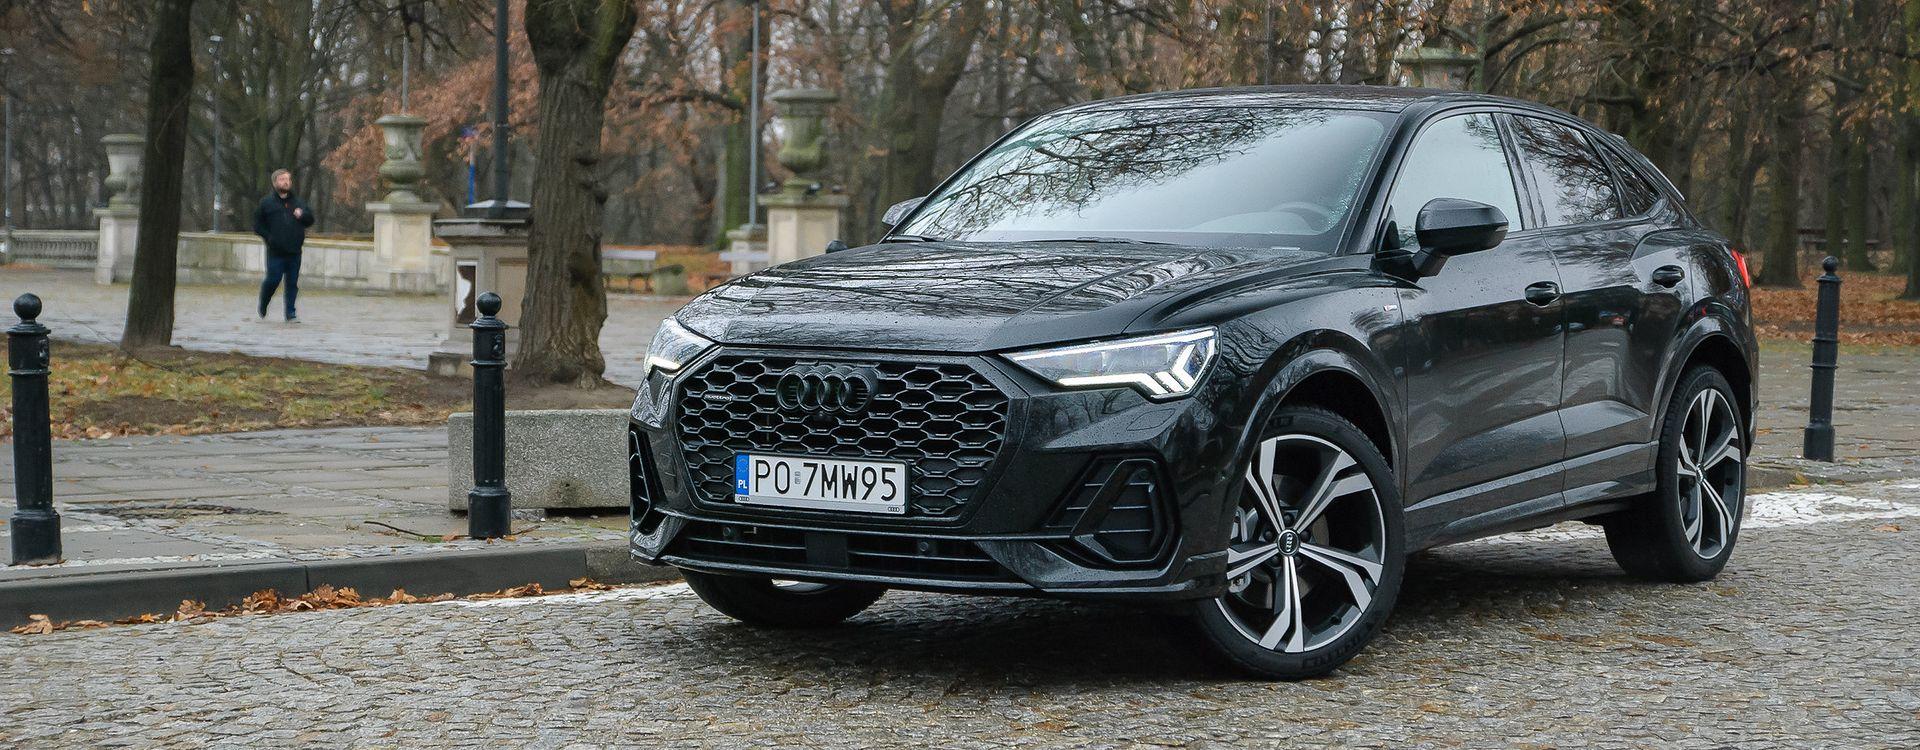 Audi Q3 Sportback 45 TFSI nie ma, wbrew pozorom, silnika 4,5 litra